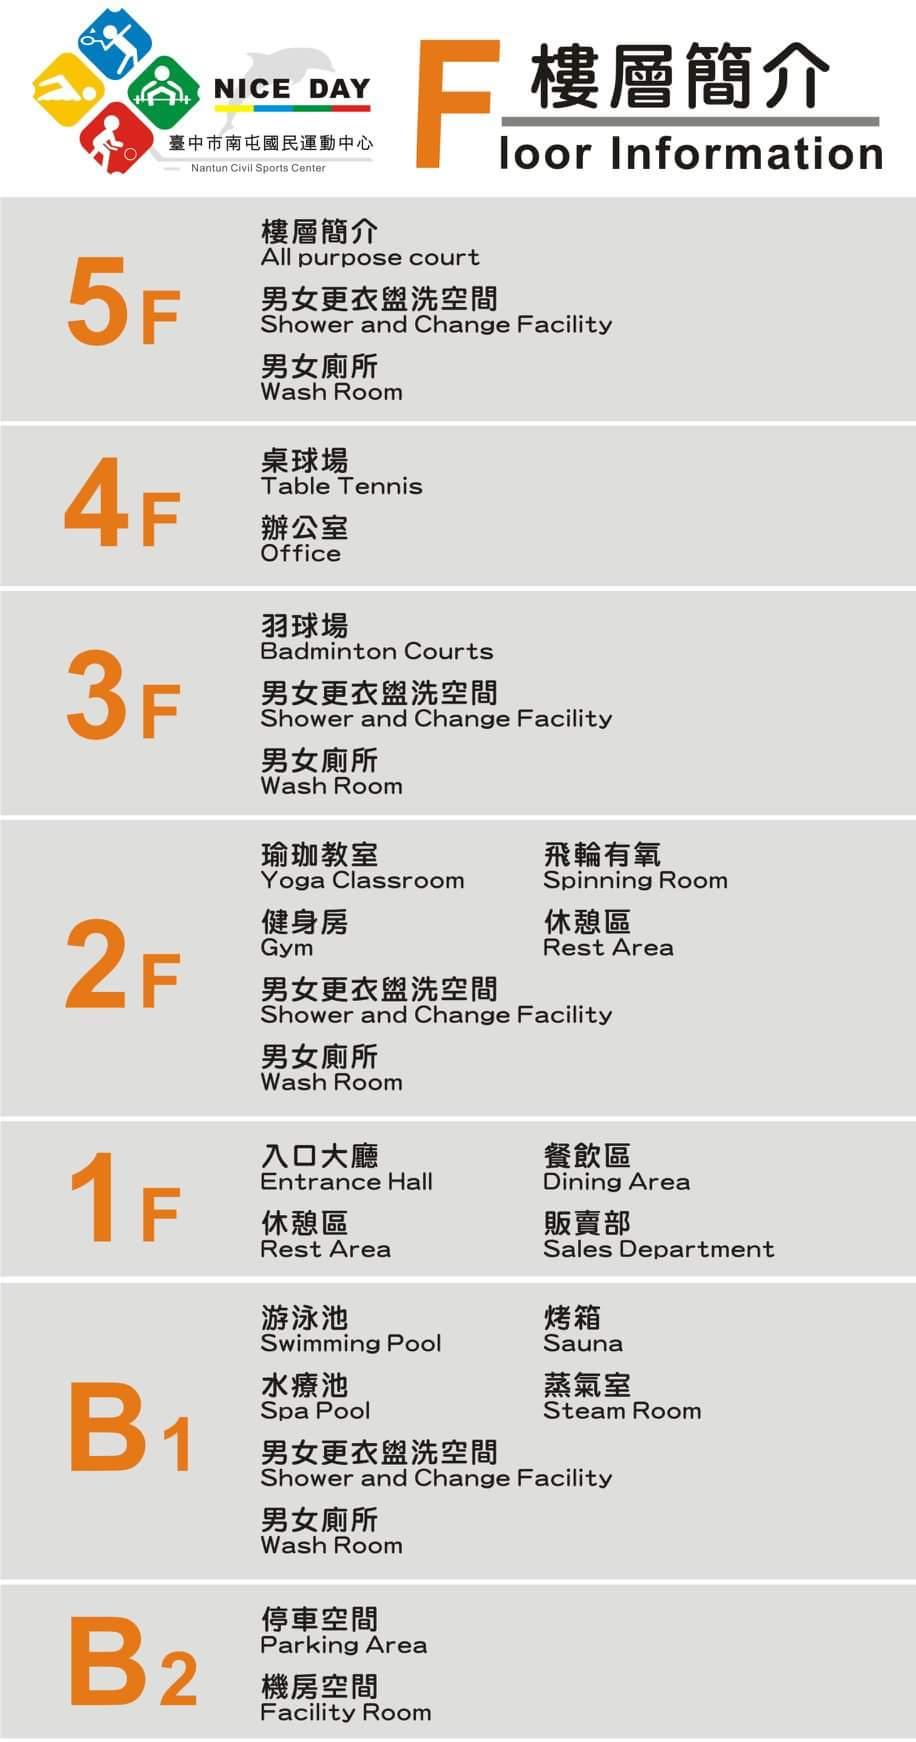 20180415154114 26 - 台中南屯國民運動中心五月中試營運!詳細收費、樓層分佈大公開